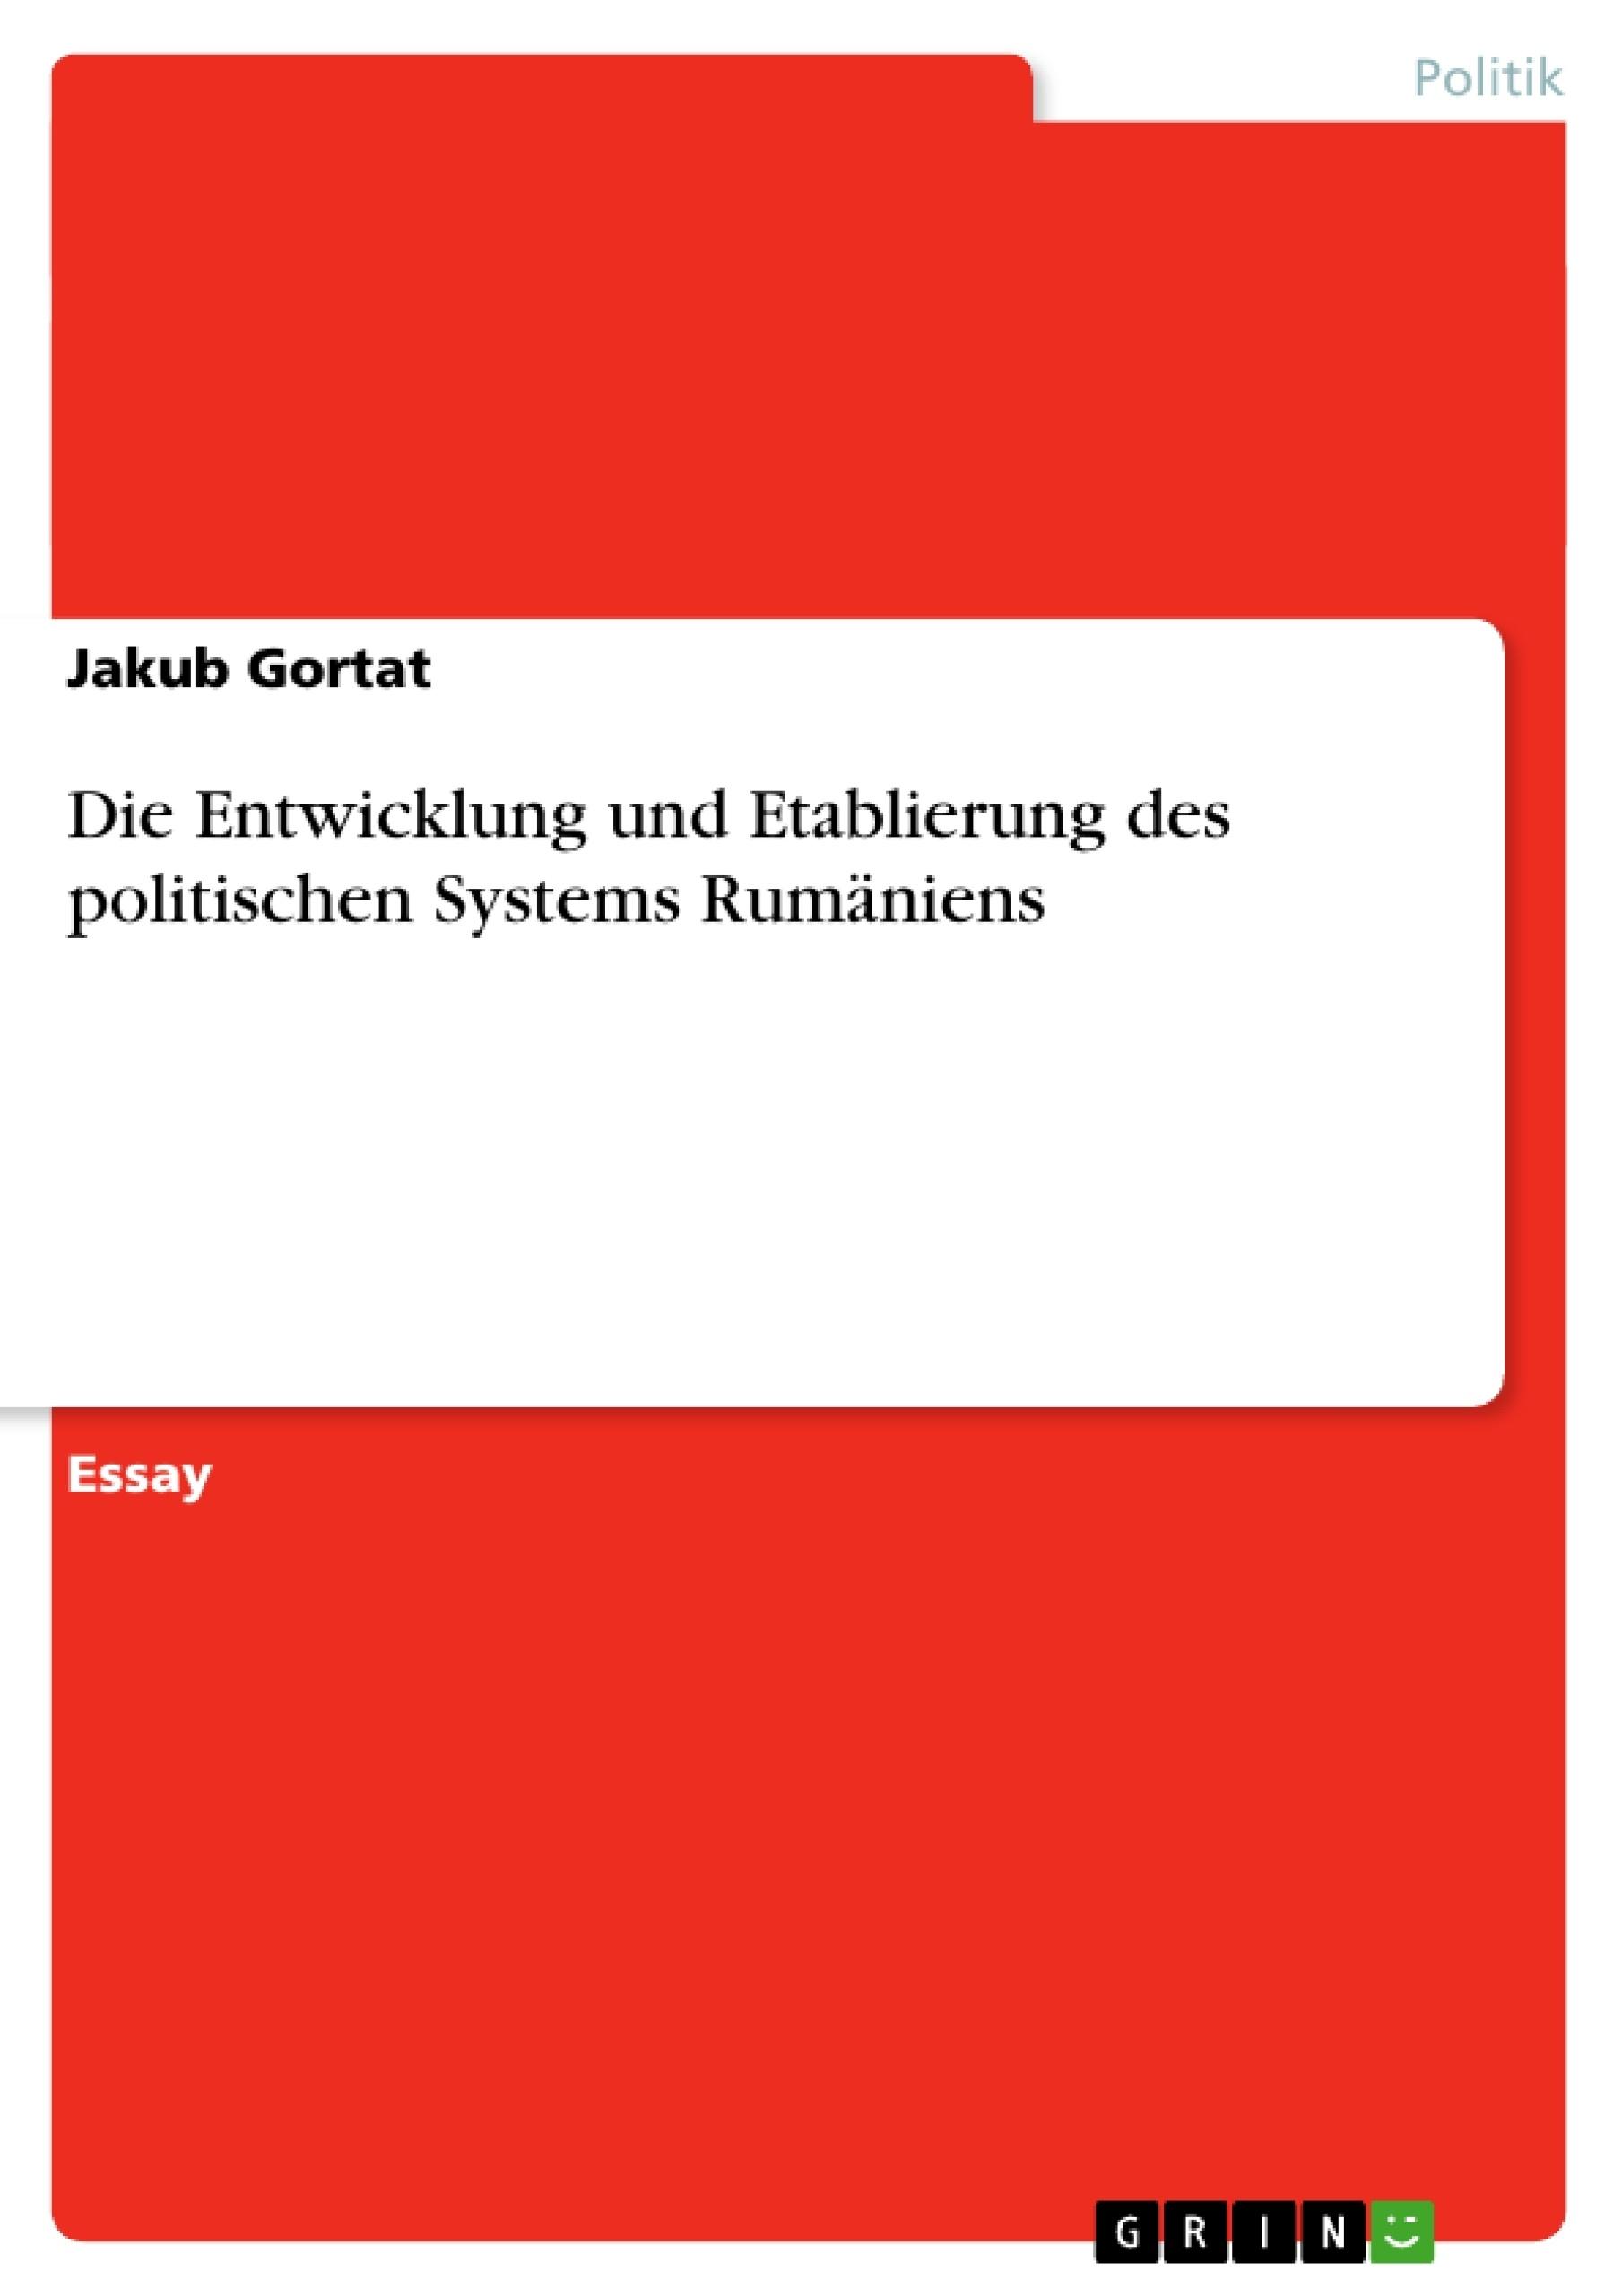 Titel: Die Entwicklung und Etablierung des politischen Systems Rumäniens